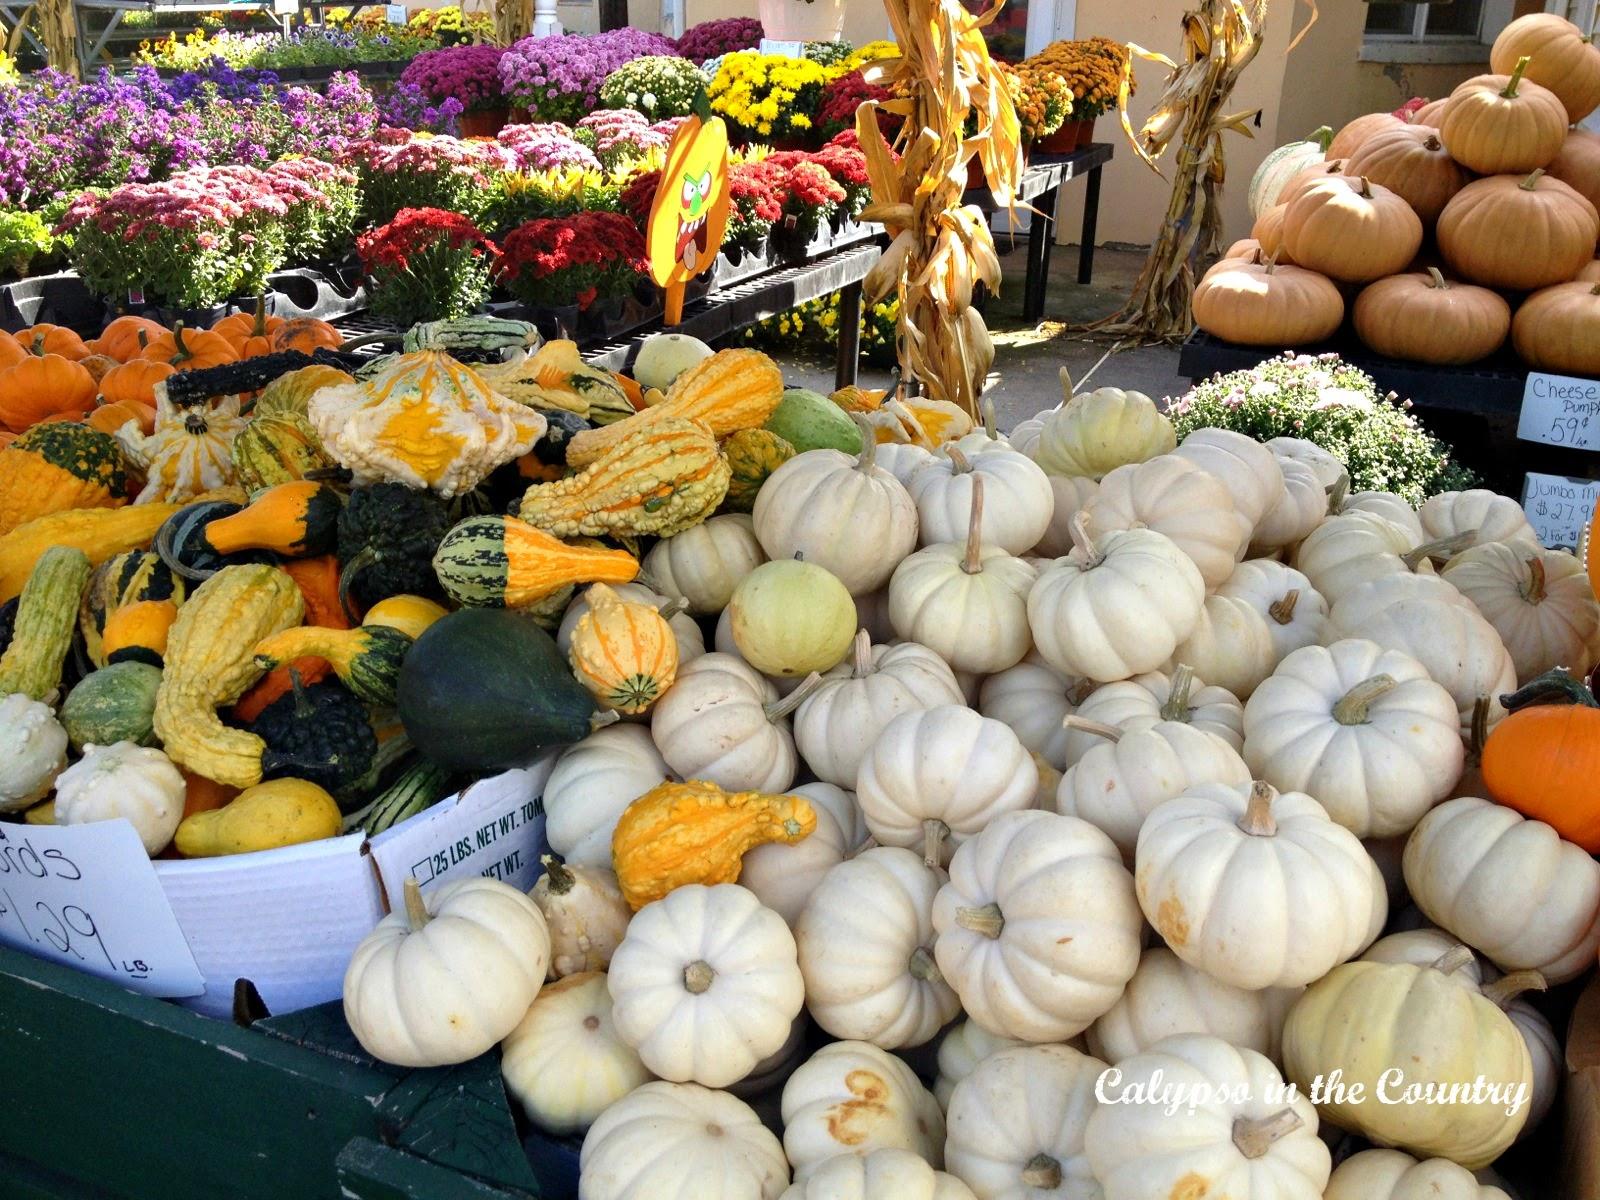 White pumpkins at a farm stand